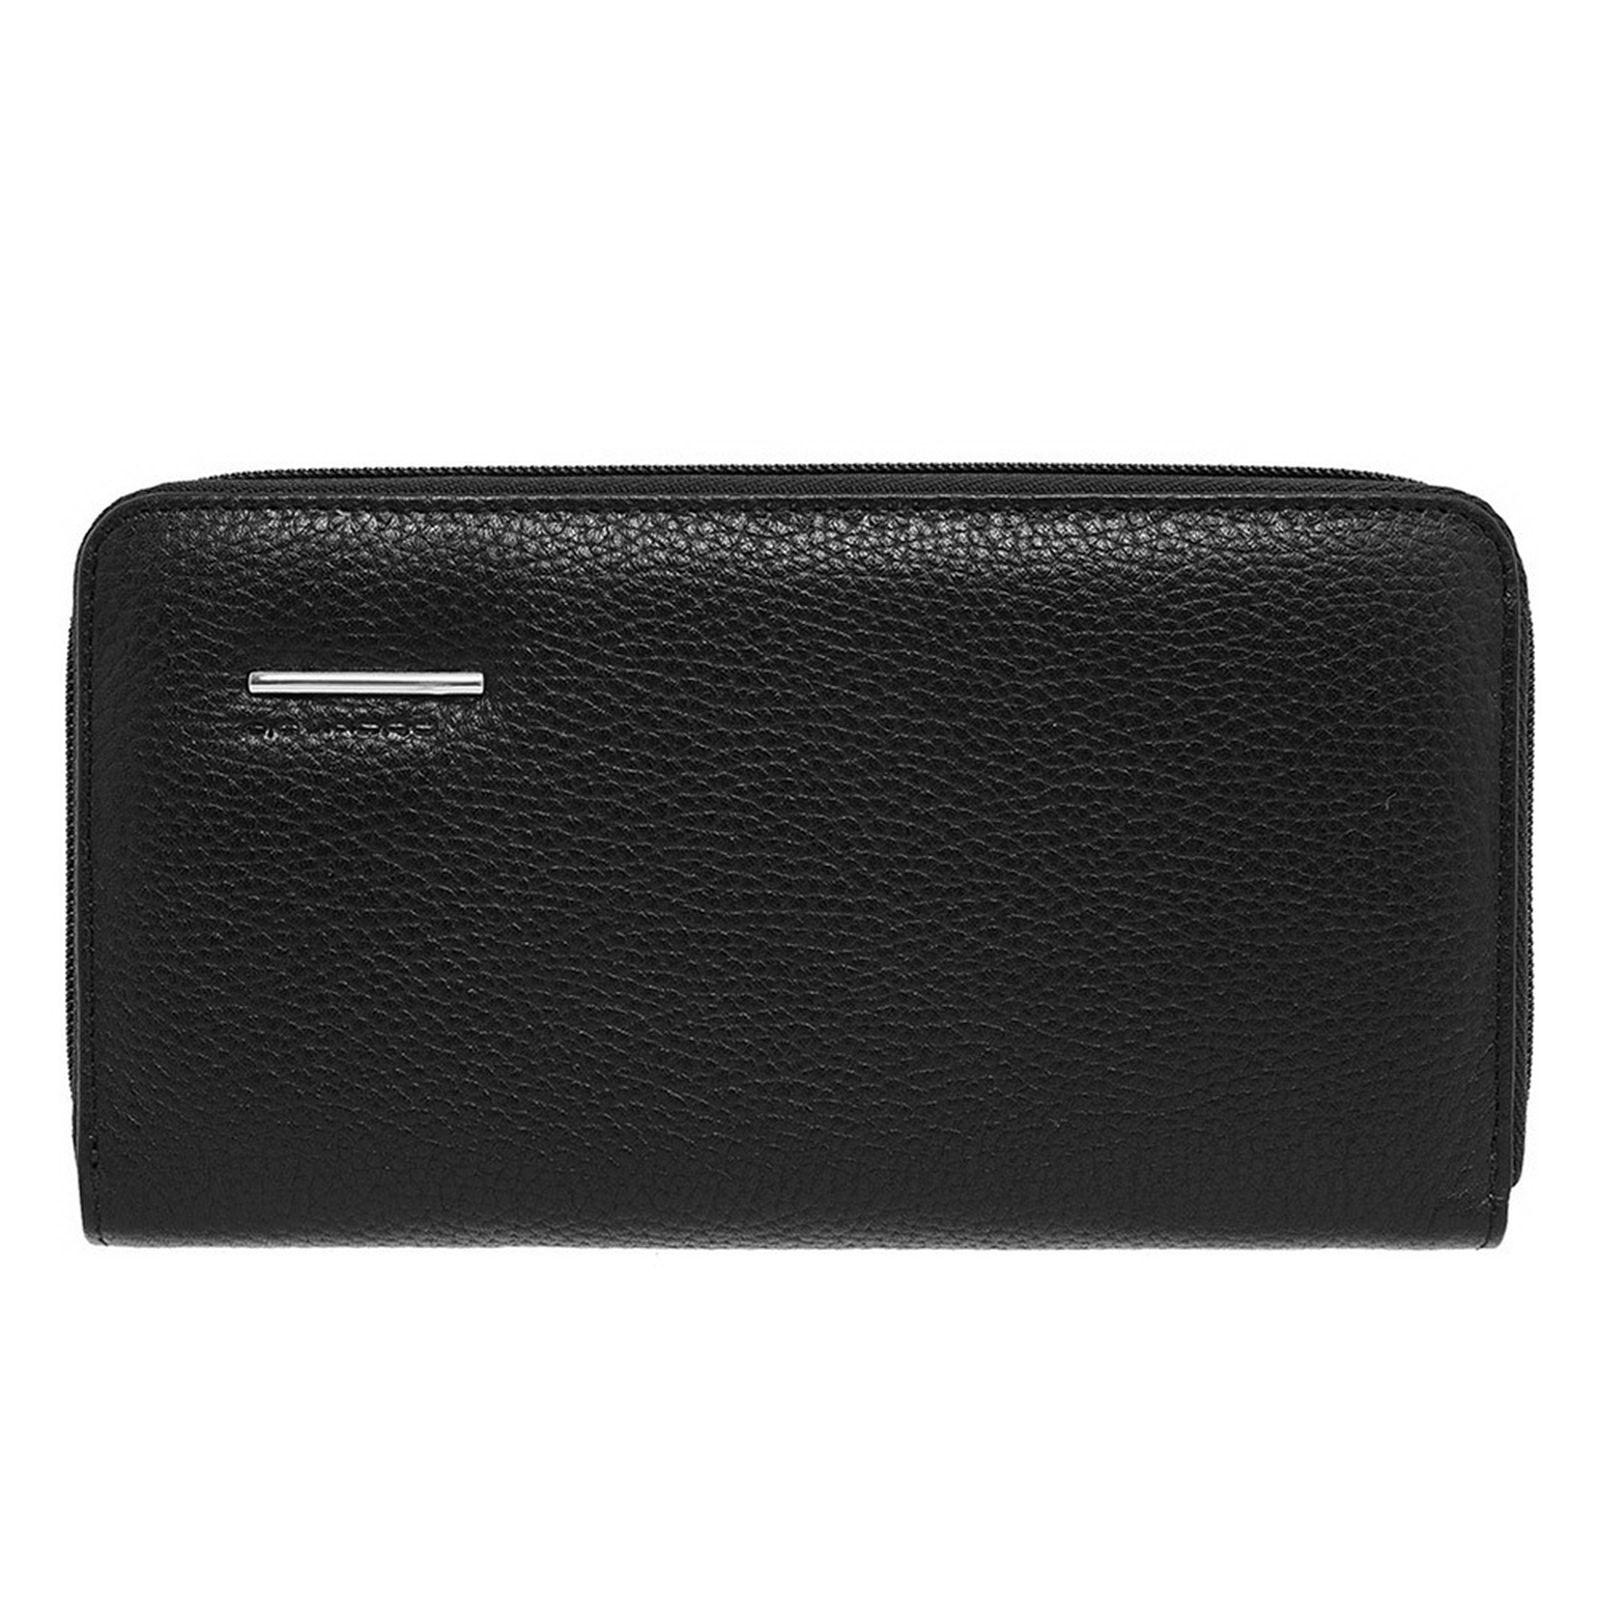 2f0341f50c10 Портмоне Piquadro Modus, цвет черный, 19x10x2,2 см (PD1515MO/N ...